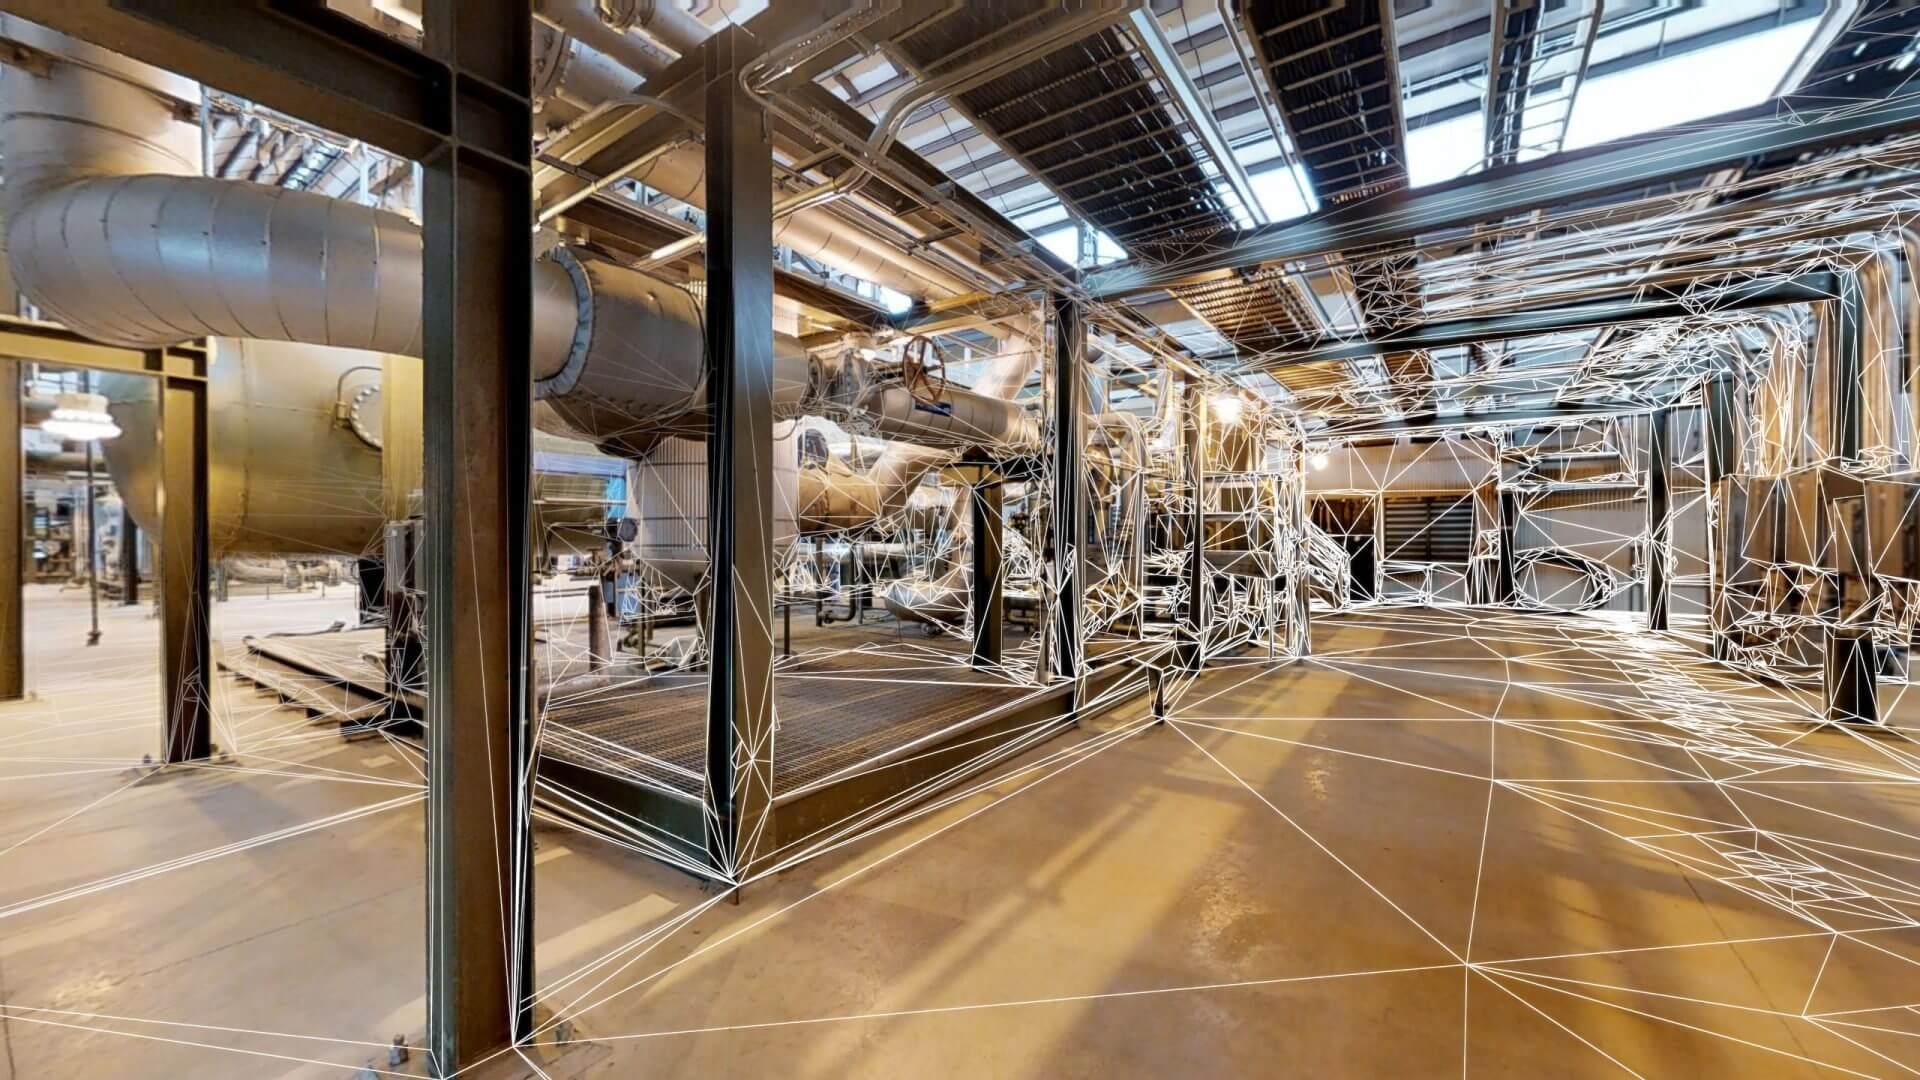 ottawa-facility-management-matterport-virtual-tour